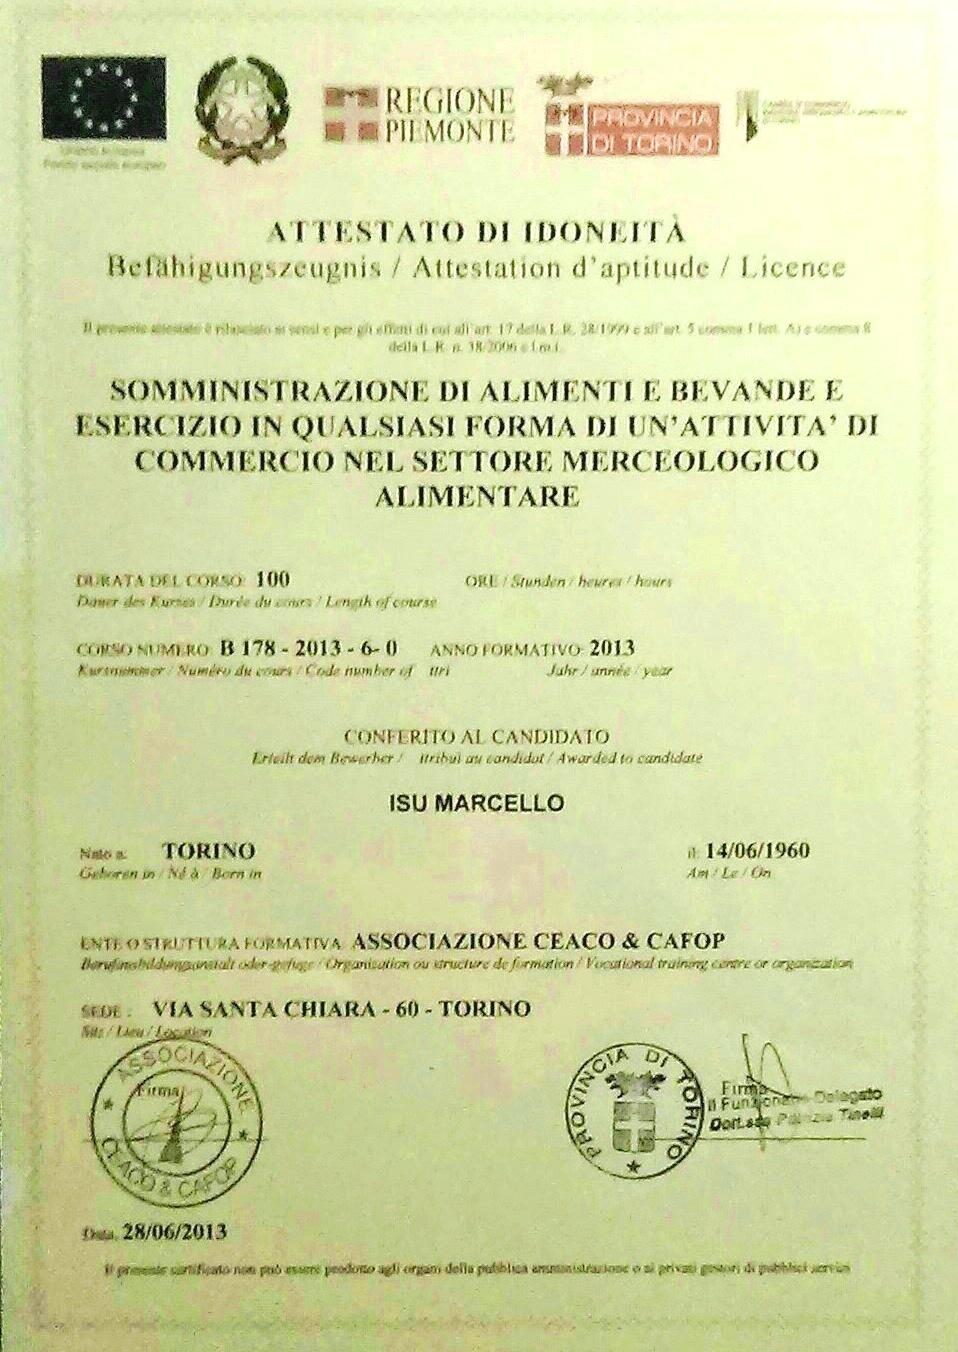 Attestato della Reg. Piemonte 2013